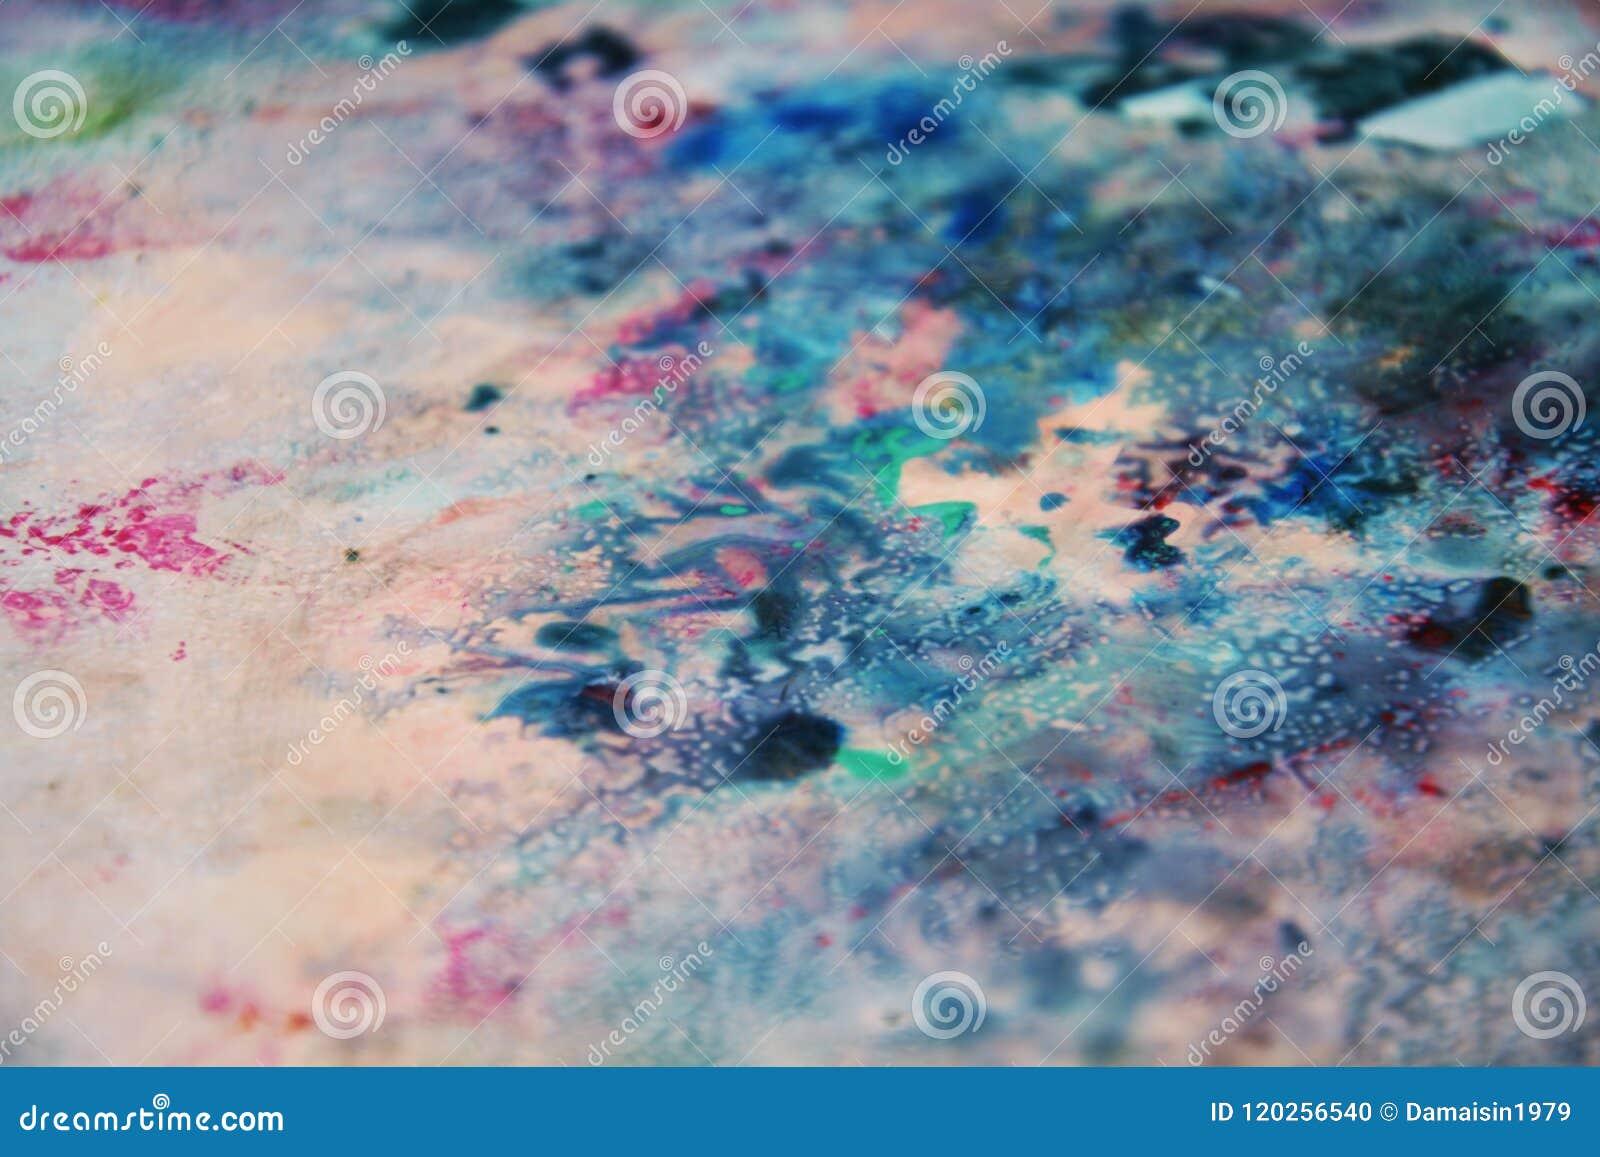 Les Couleurs Douces De Mélange De Noir De Rose De Gris Bleu